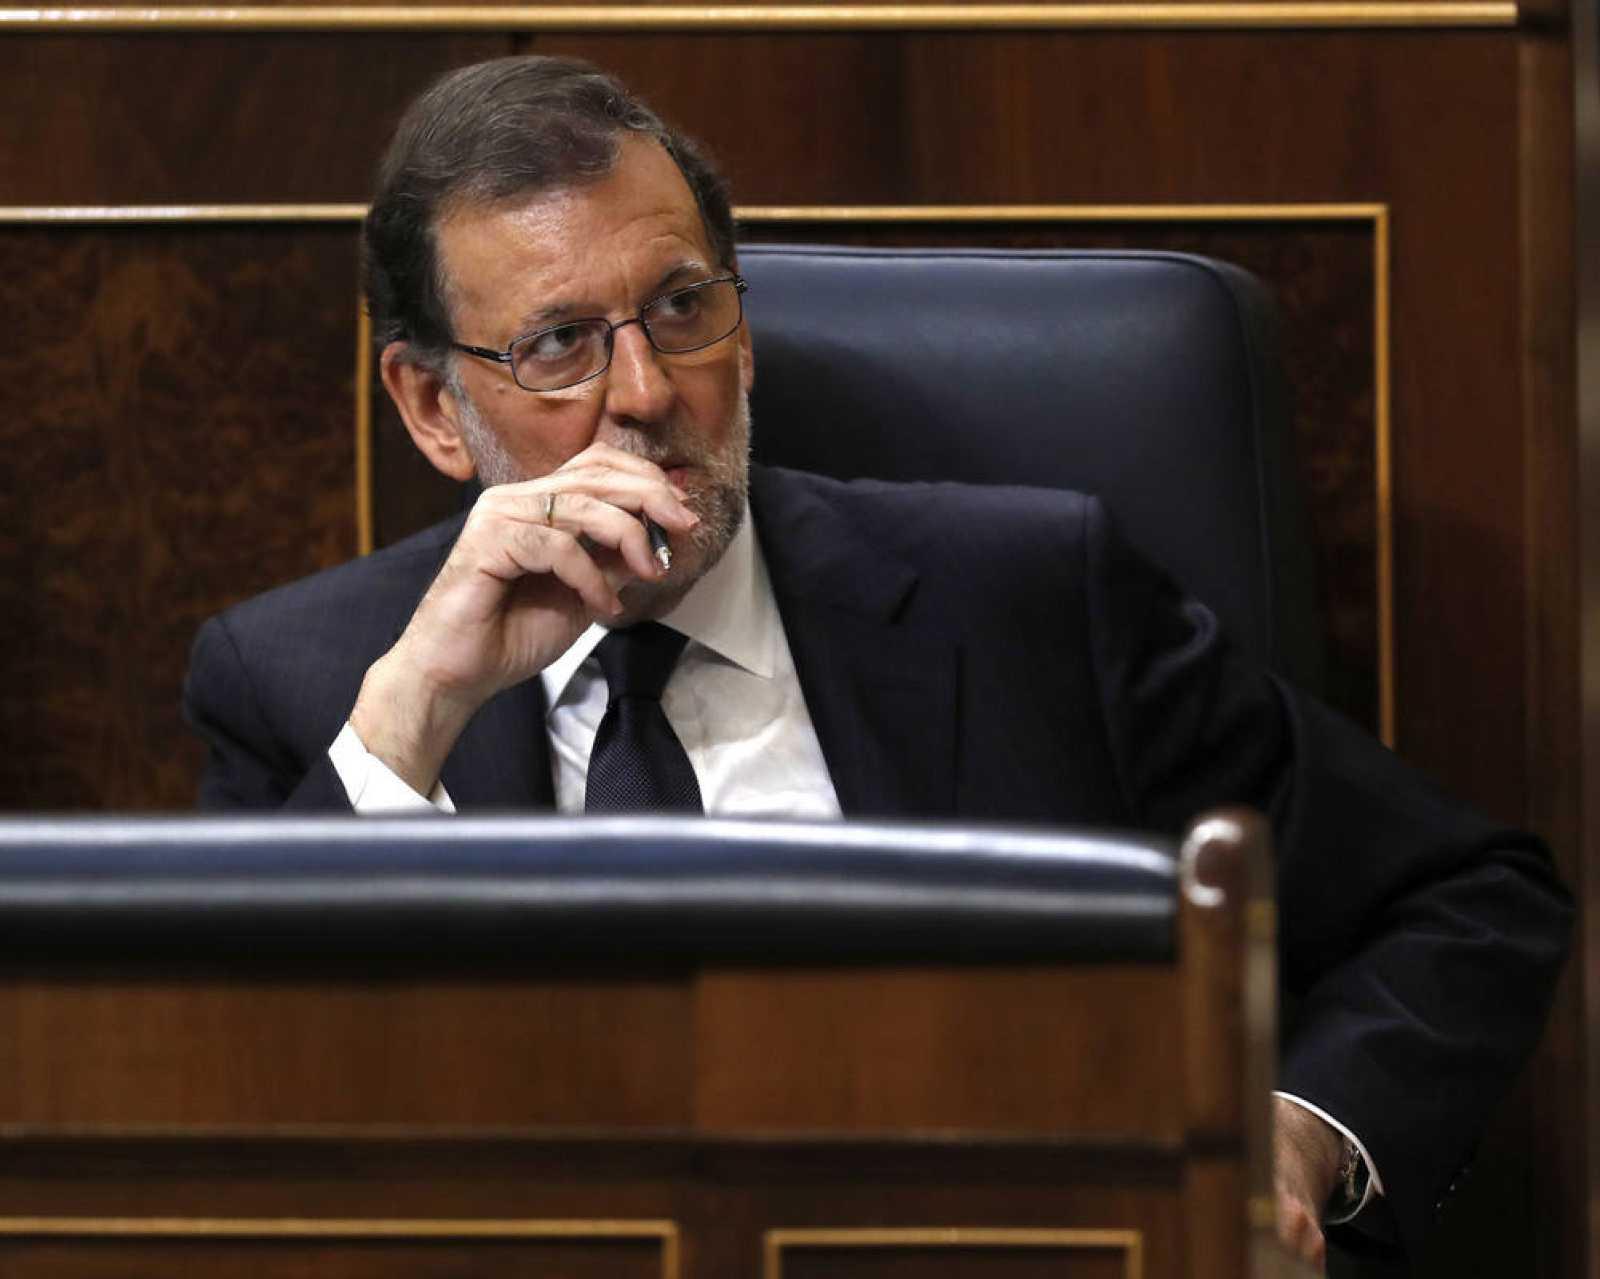 El presidente del Gobierno en funciones, Mariano Rajoy, en su escaño en el Congreso